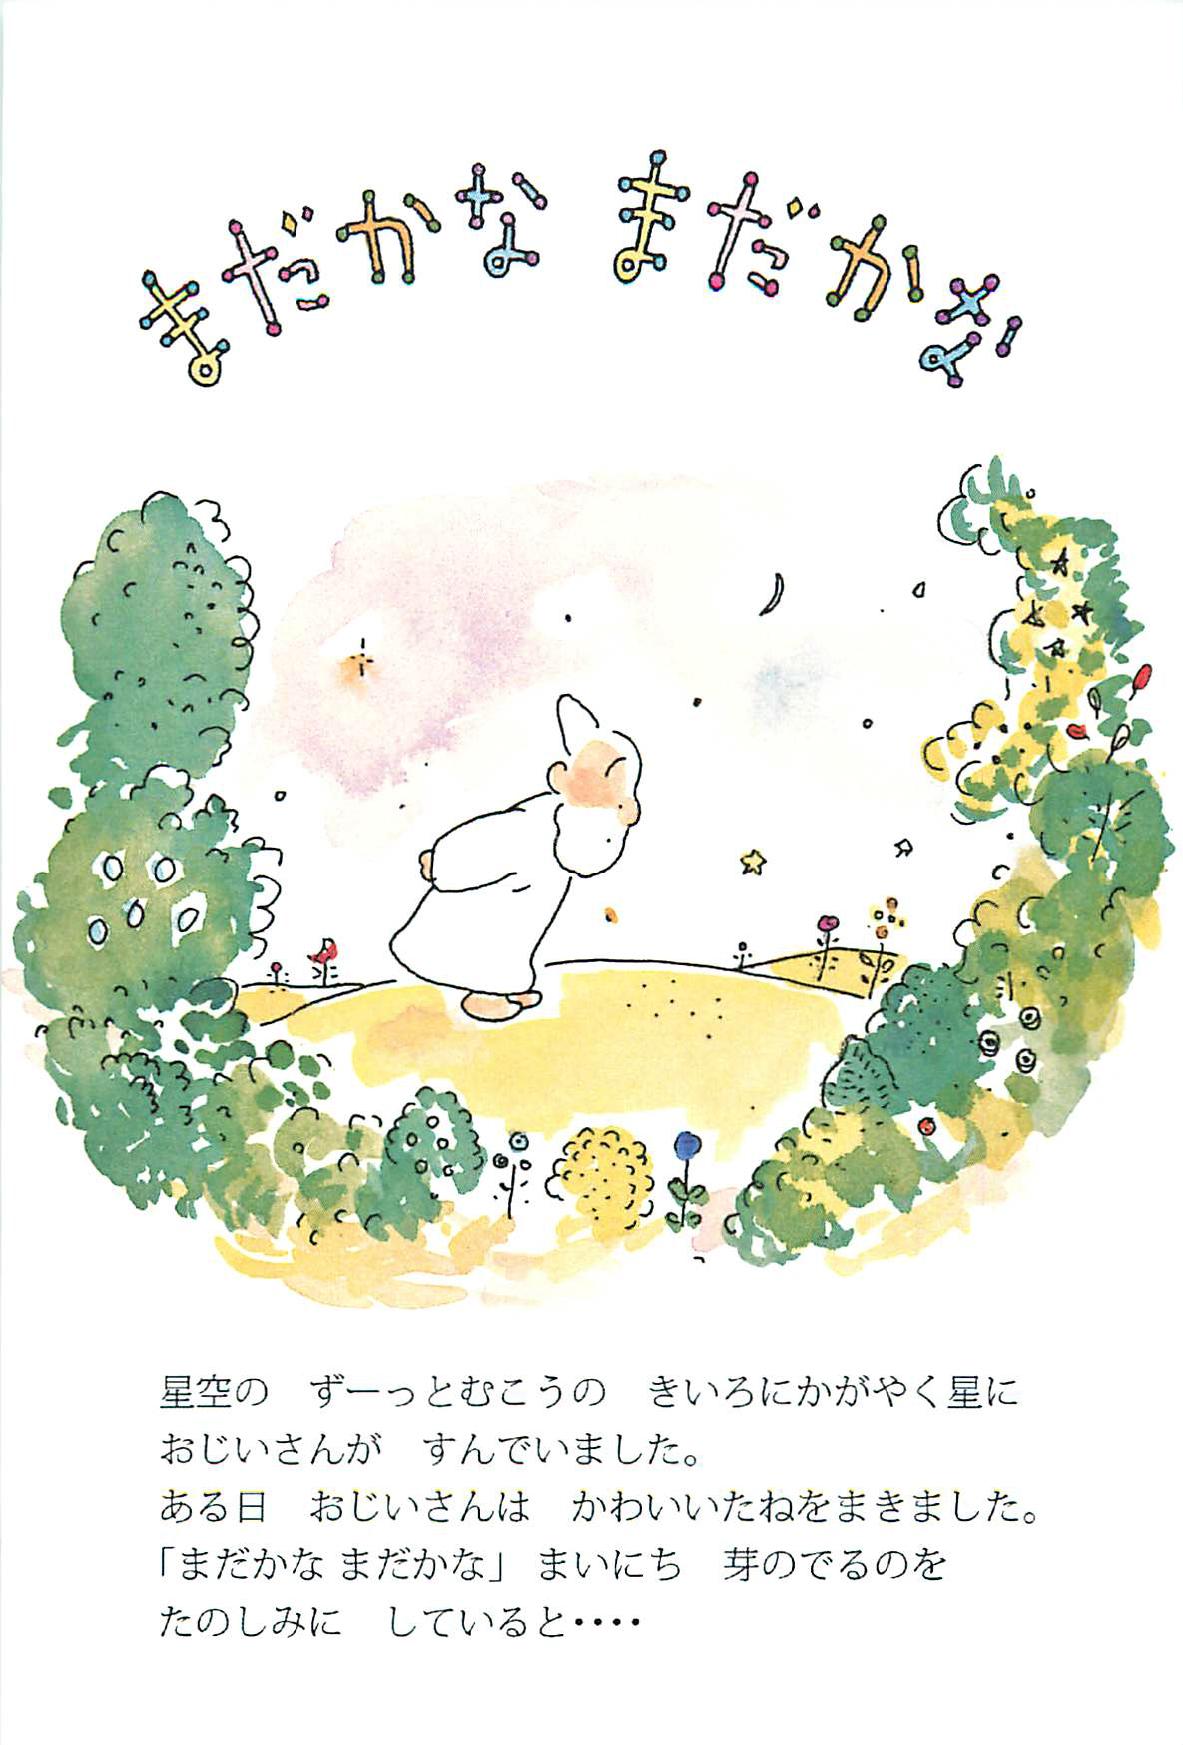 『まだかな まだかな』絵本原画展(伊藤正道作品展)